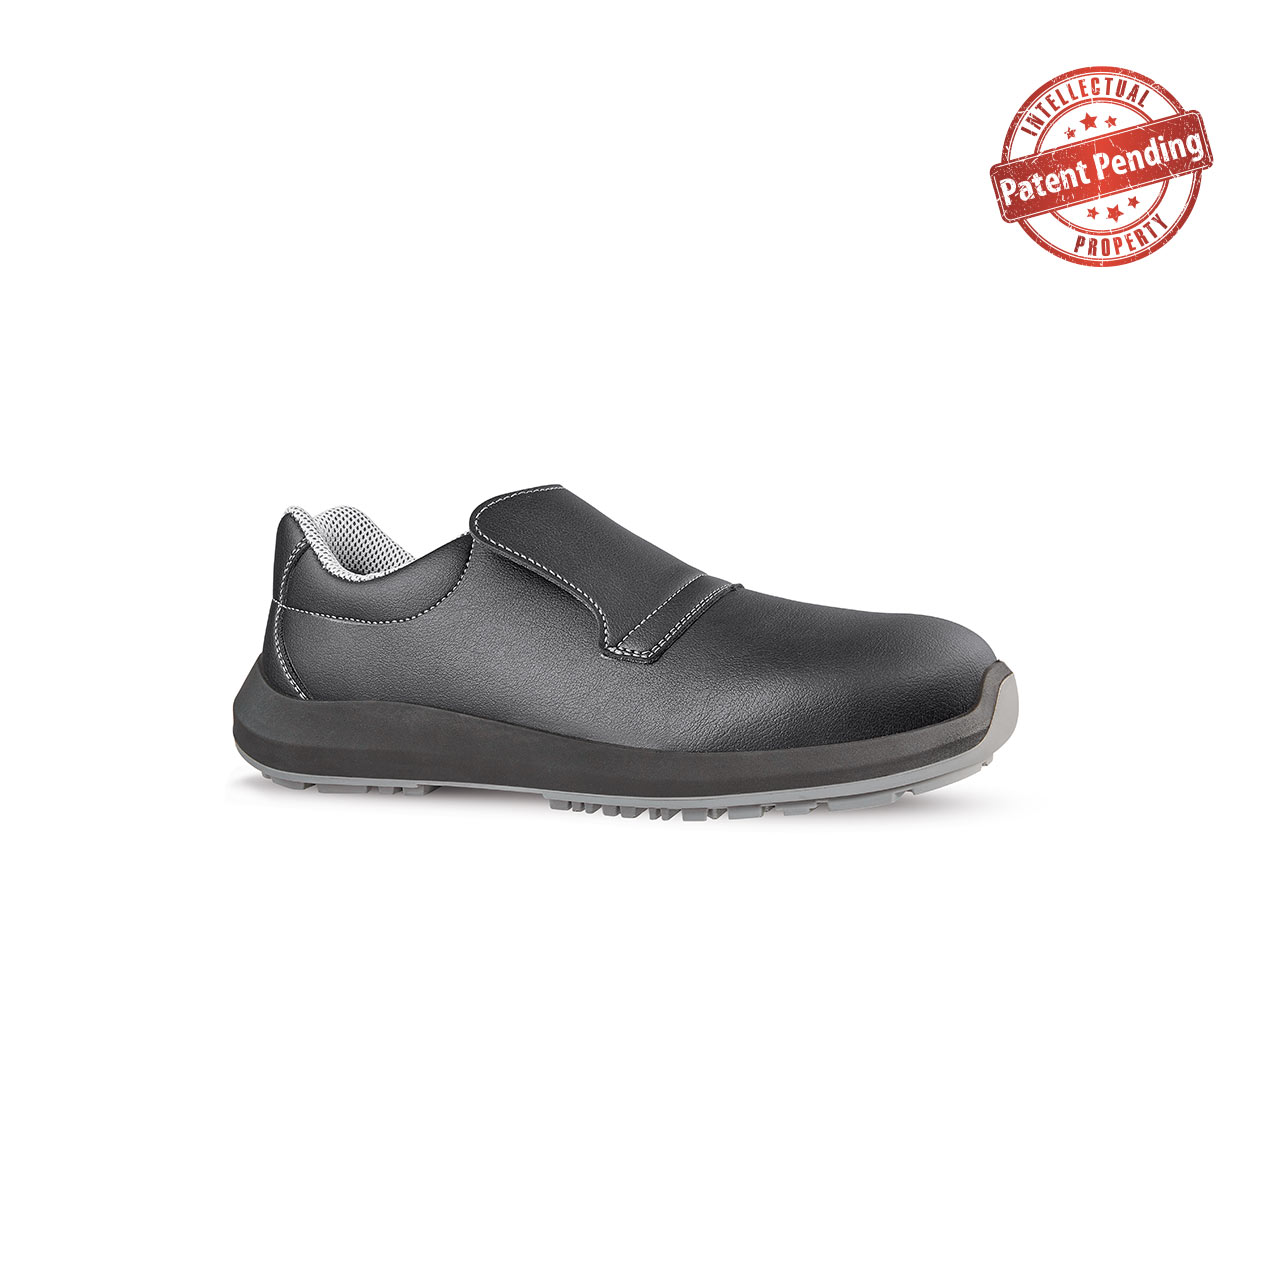 scarpa antinfortunistica upower modello nova linea redup vista laterale